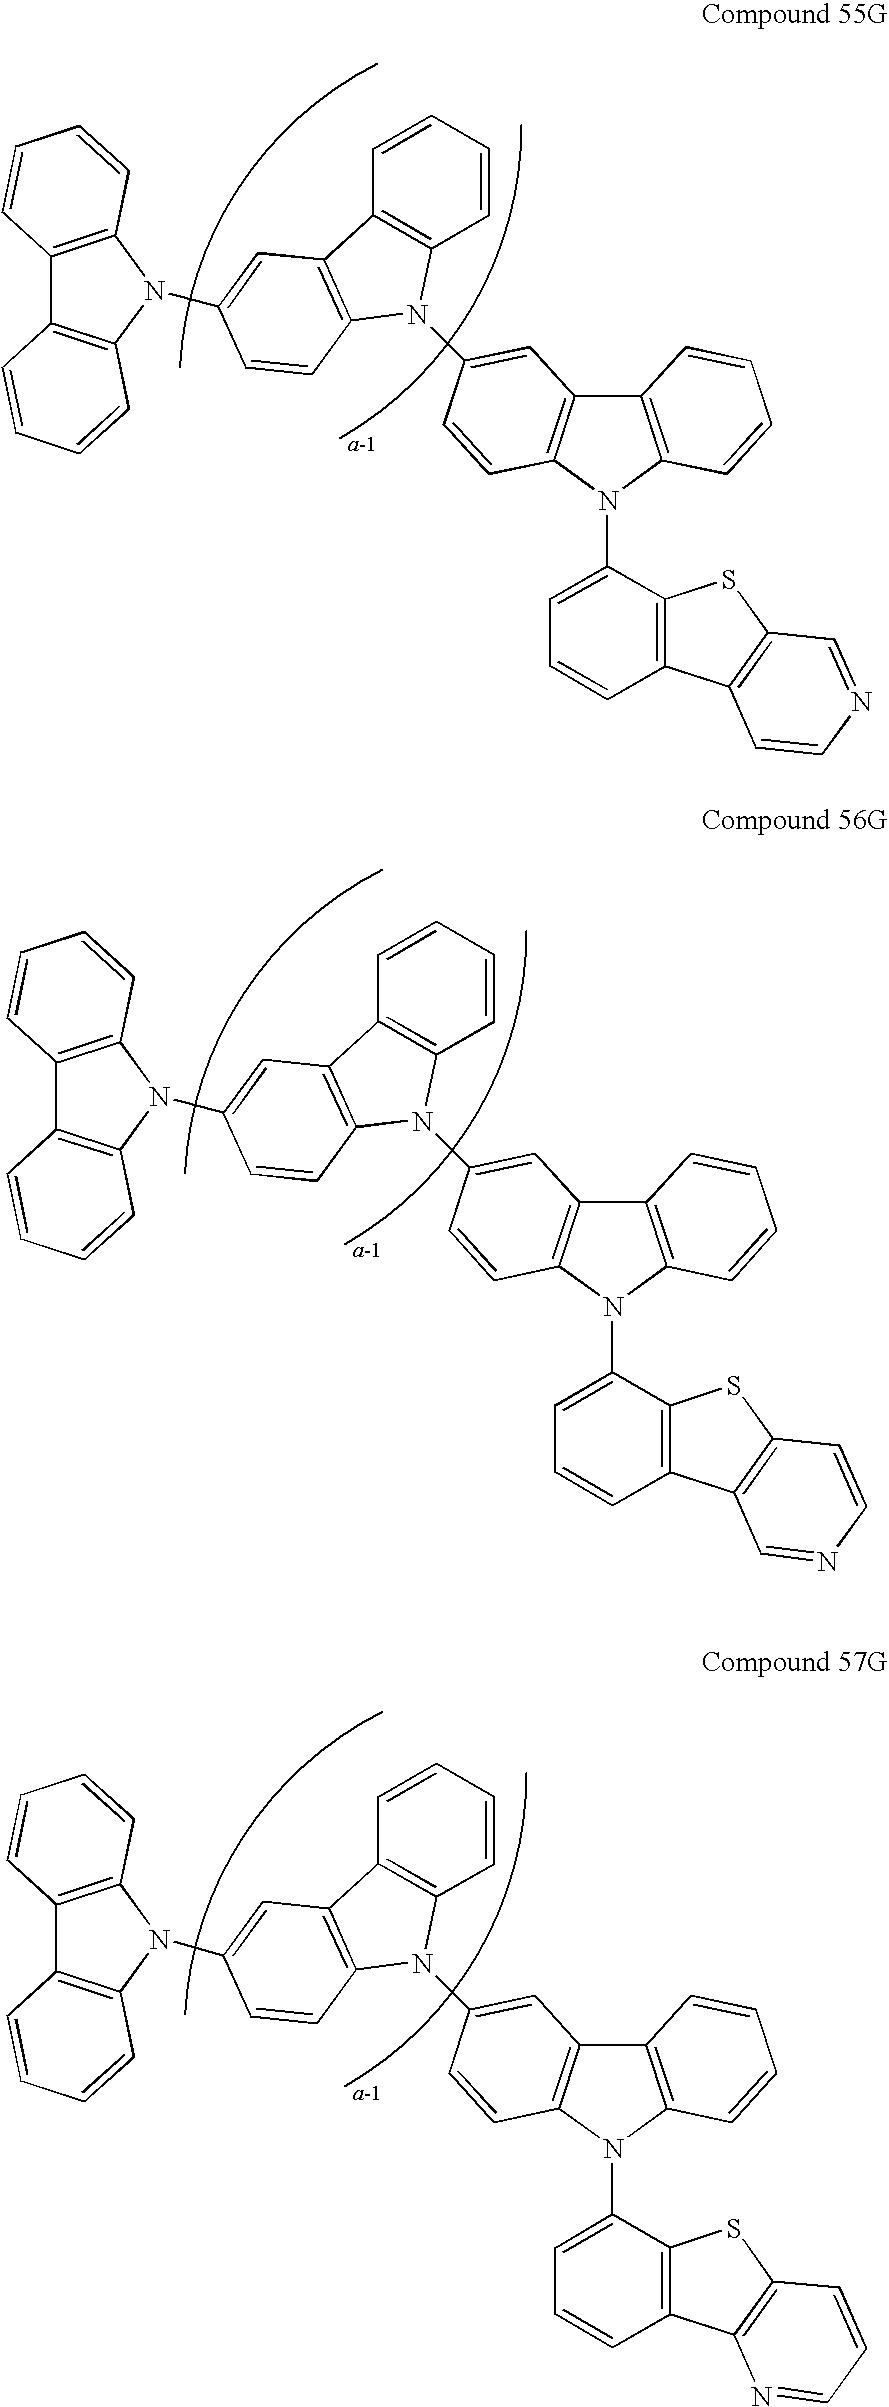 Figure US20090134784A1-20090528-C00022